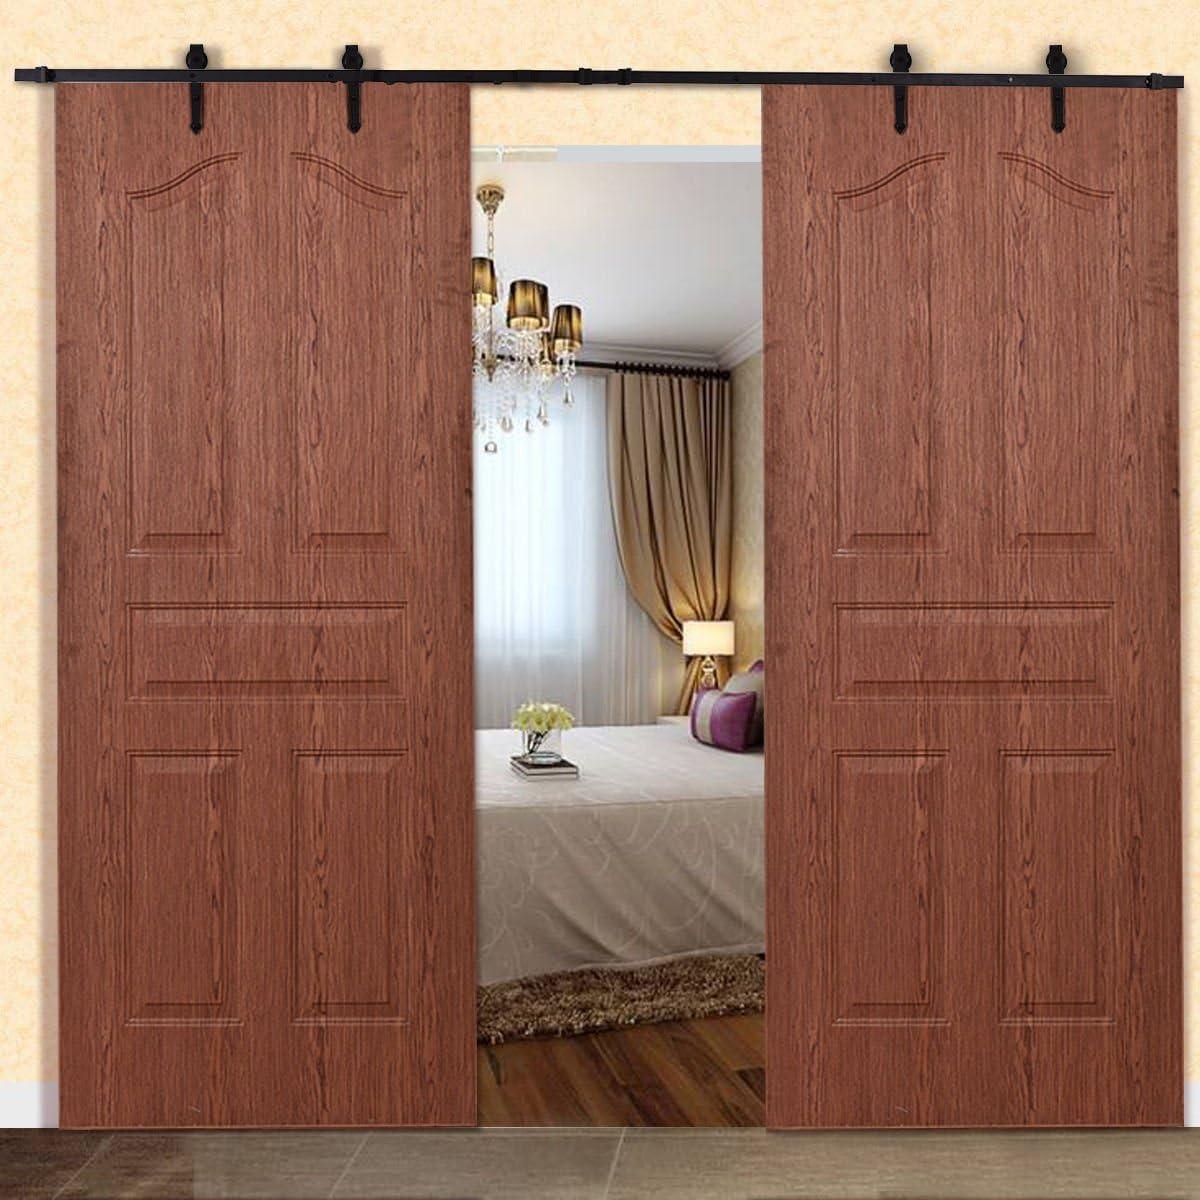 12 FT acero puerta corrediza de granero madera Hardware Kit Sistema de guía rústico Decor negro: Amazon.es: Bricolaje y herramientas